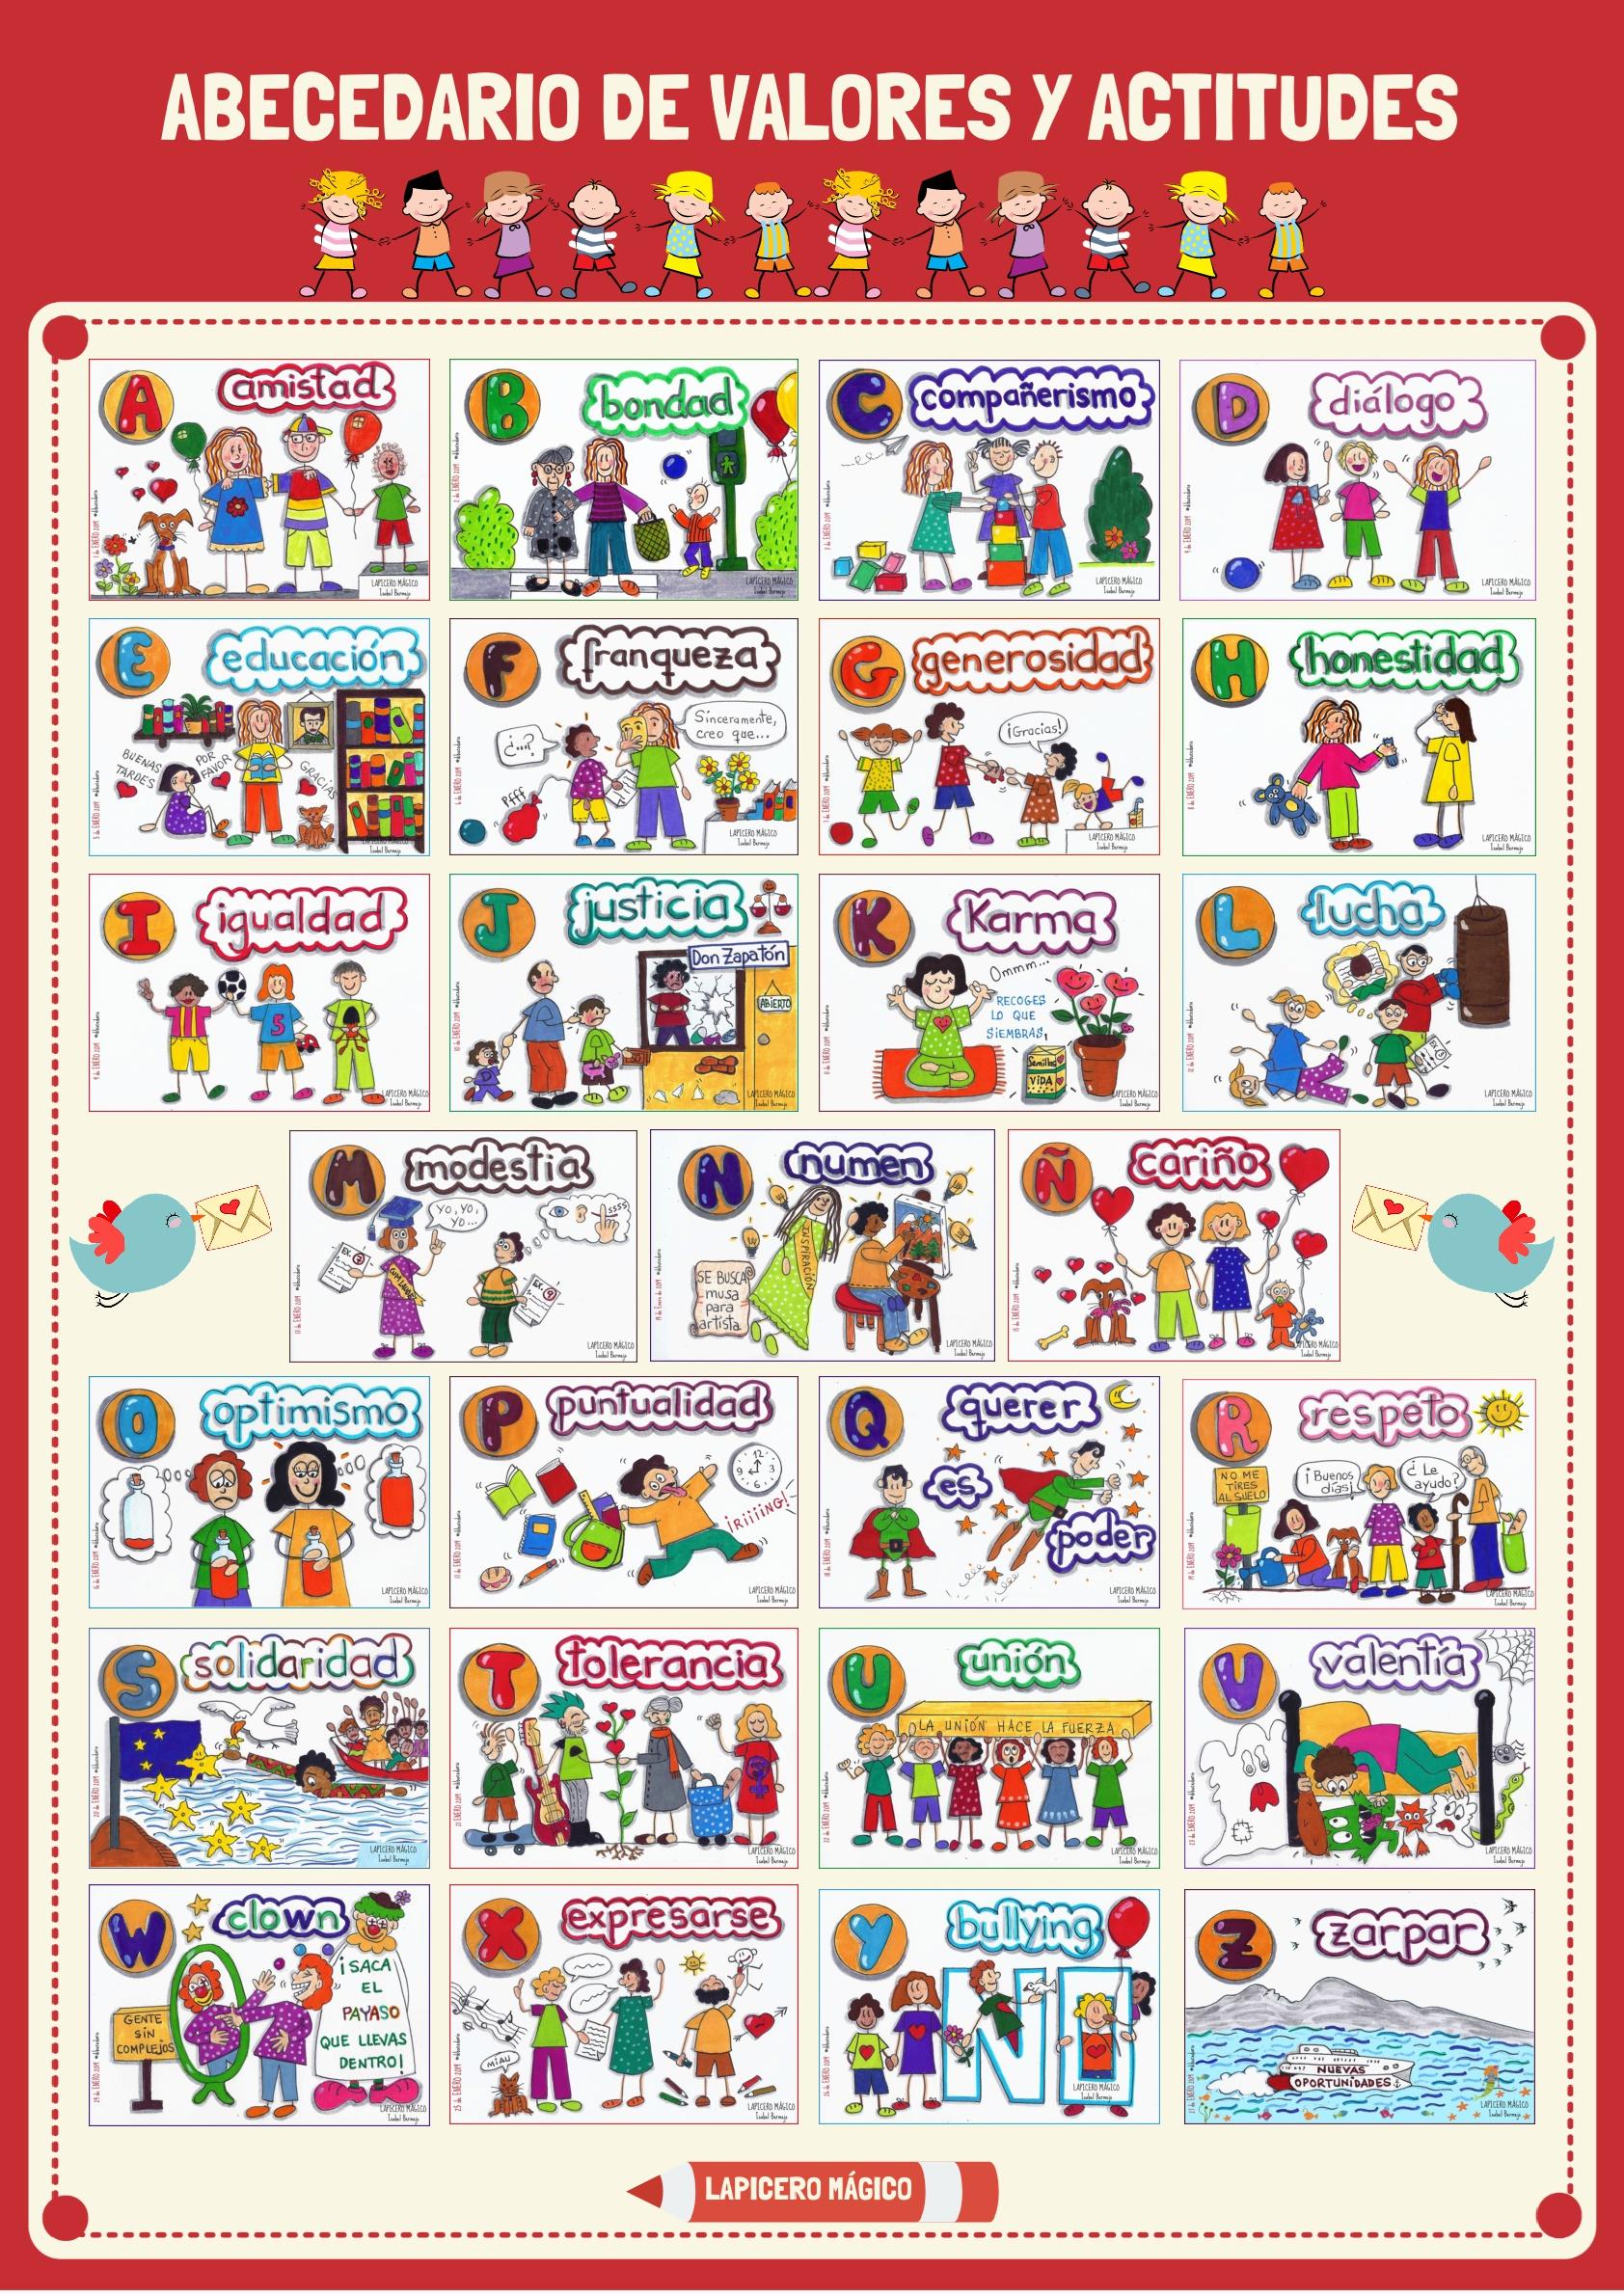 Abecedario de valores y actitudes Lapicero Mágico (1)-001